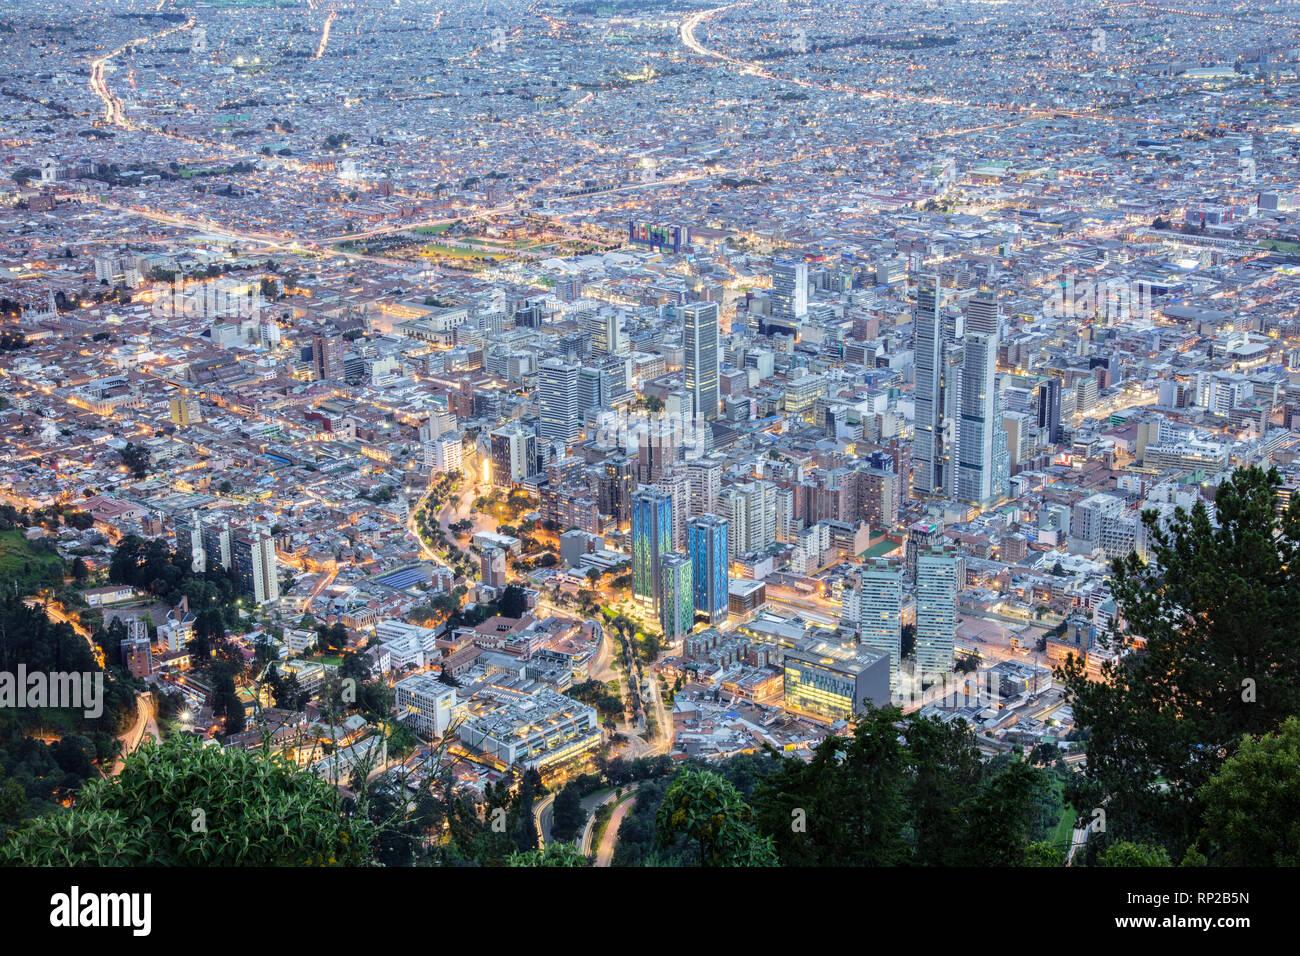 La Colombia, Bogotà, il quartiere centrale degli affari nella capitale al crepuscolo Immagini Stock